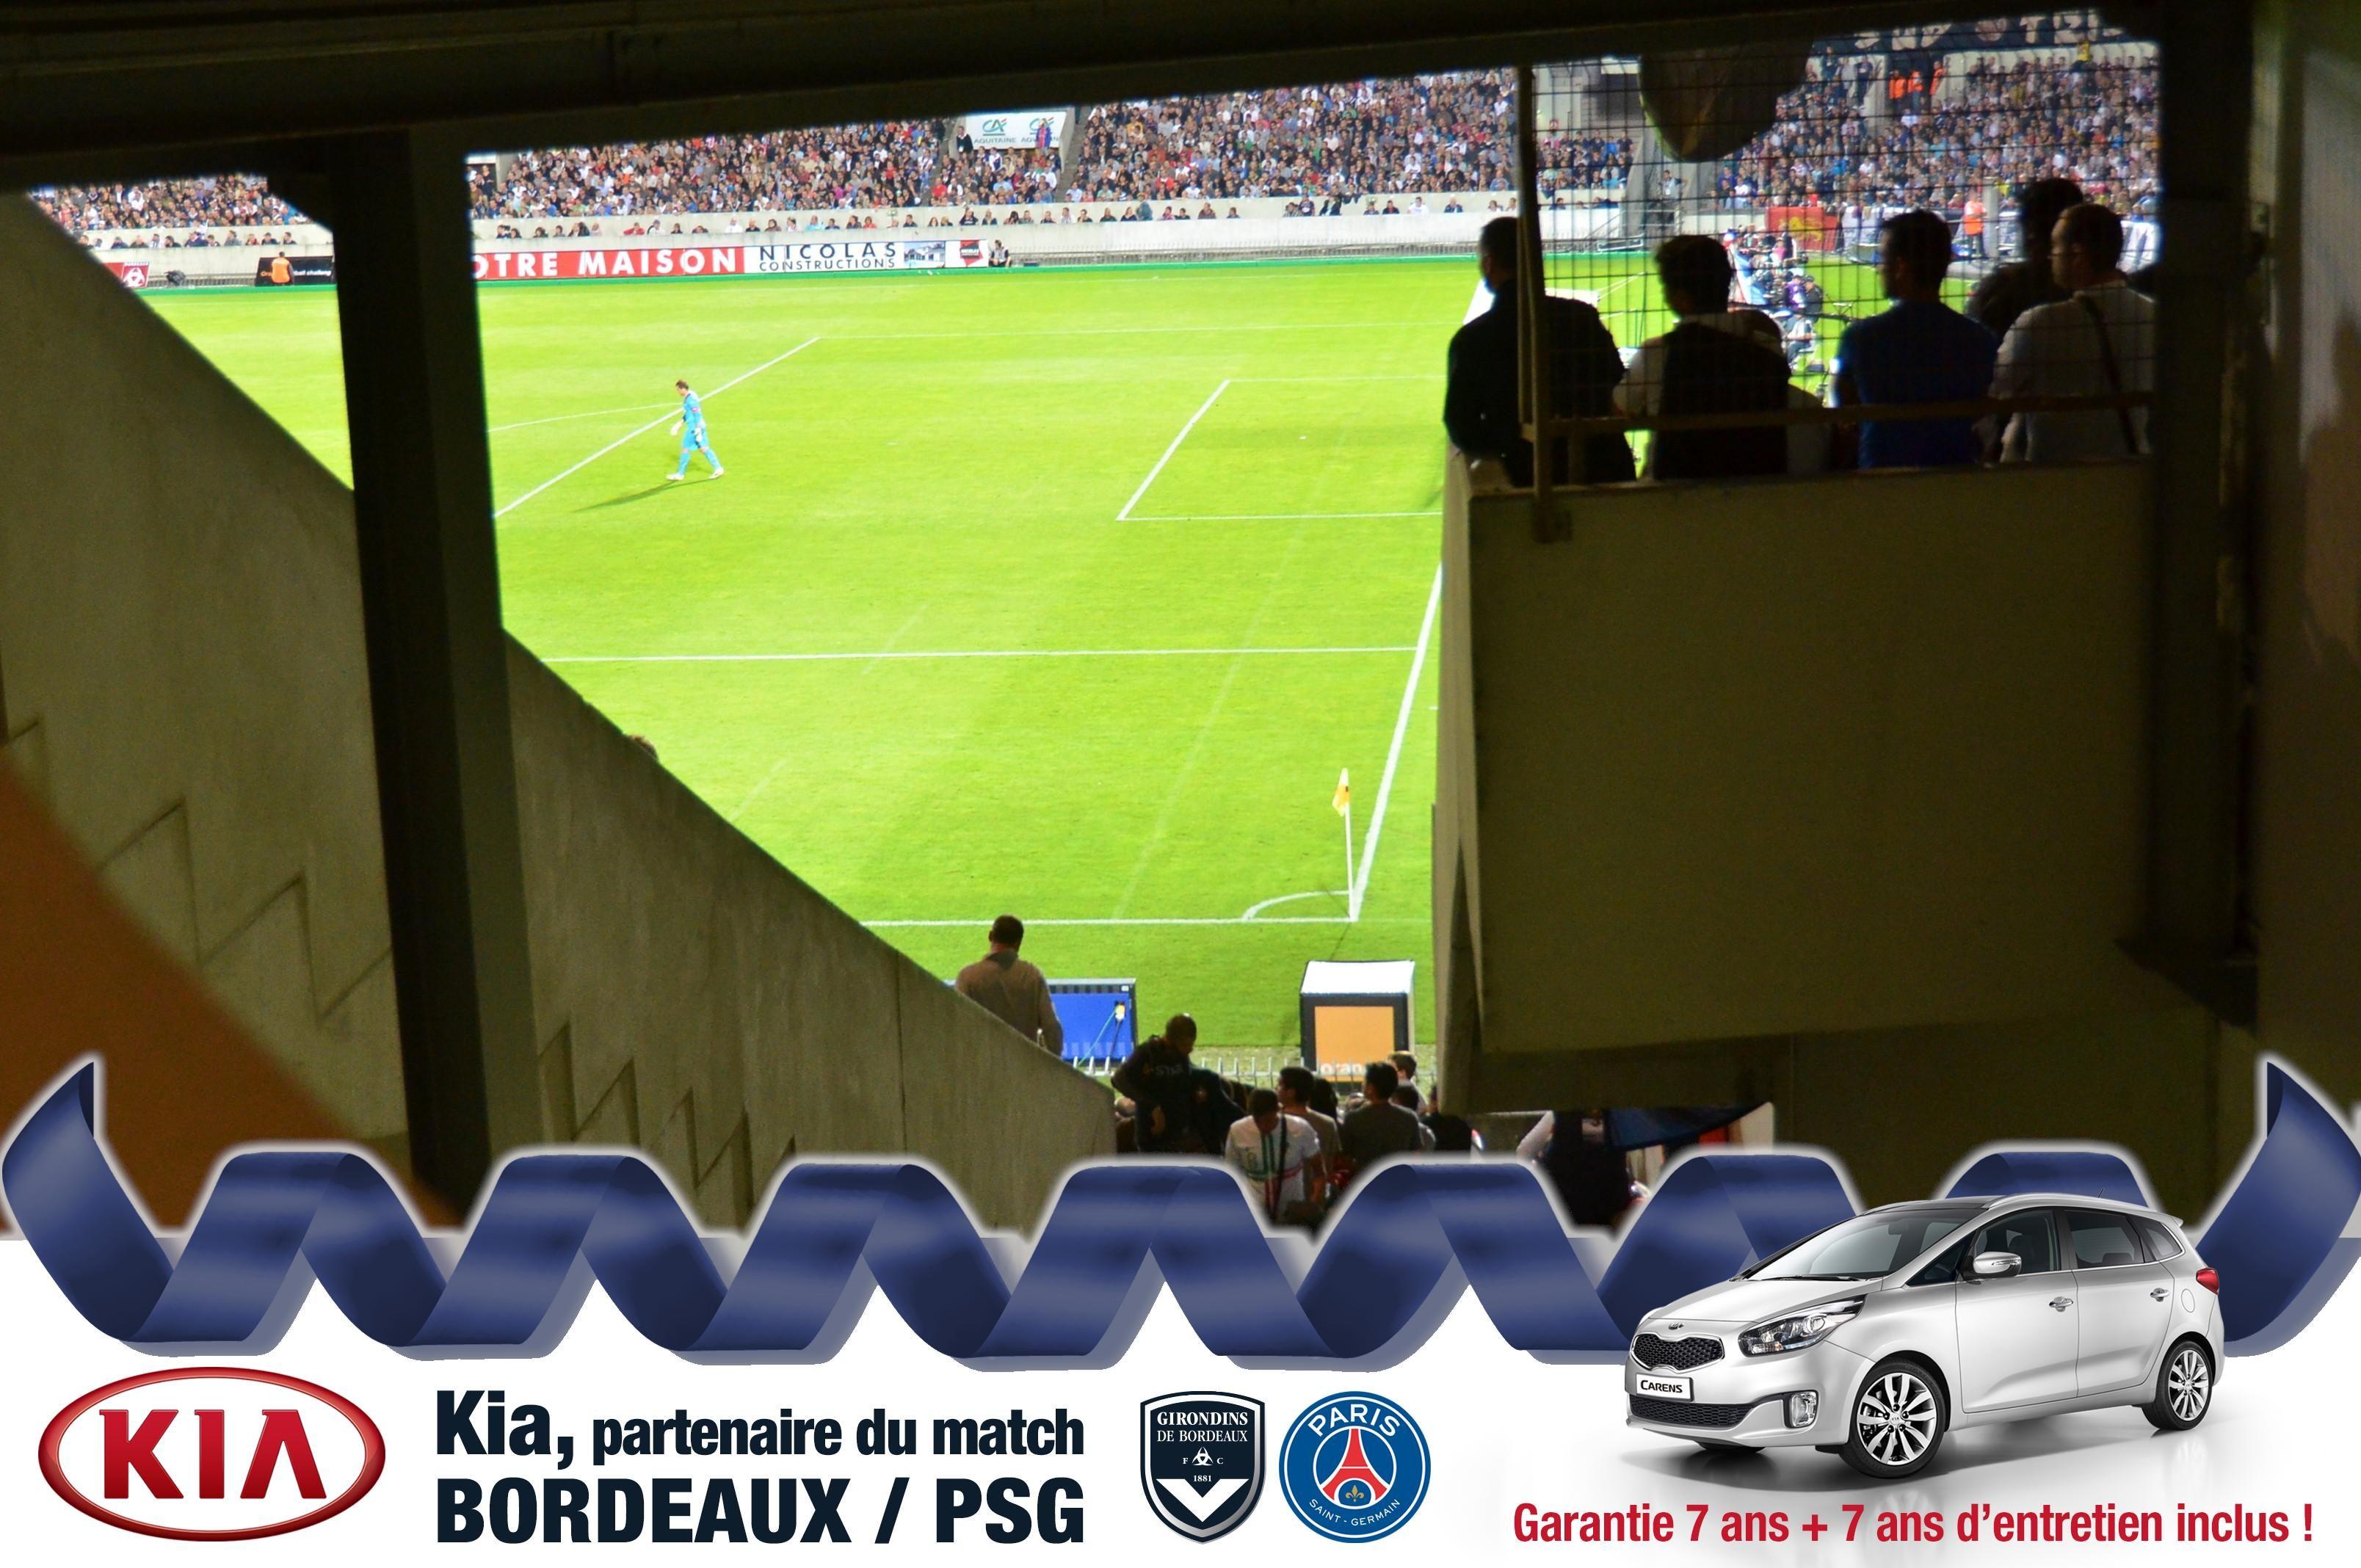 Girondins de Bordeaux Paris SaintGermain 13/09/13